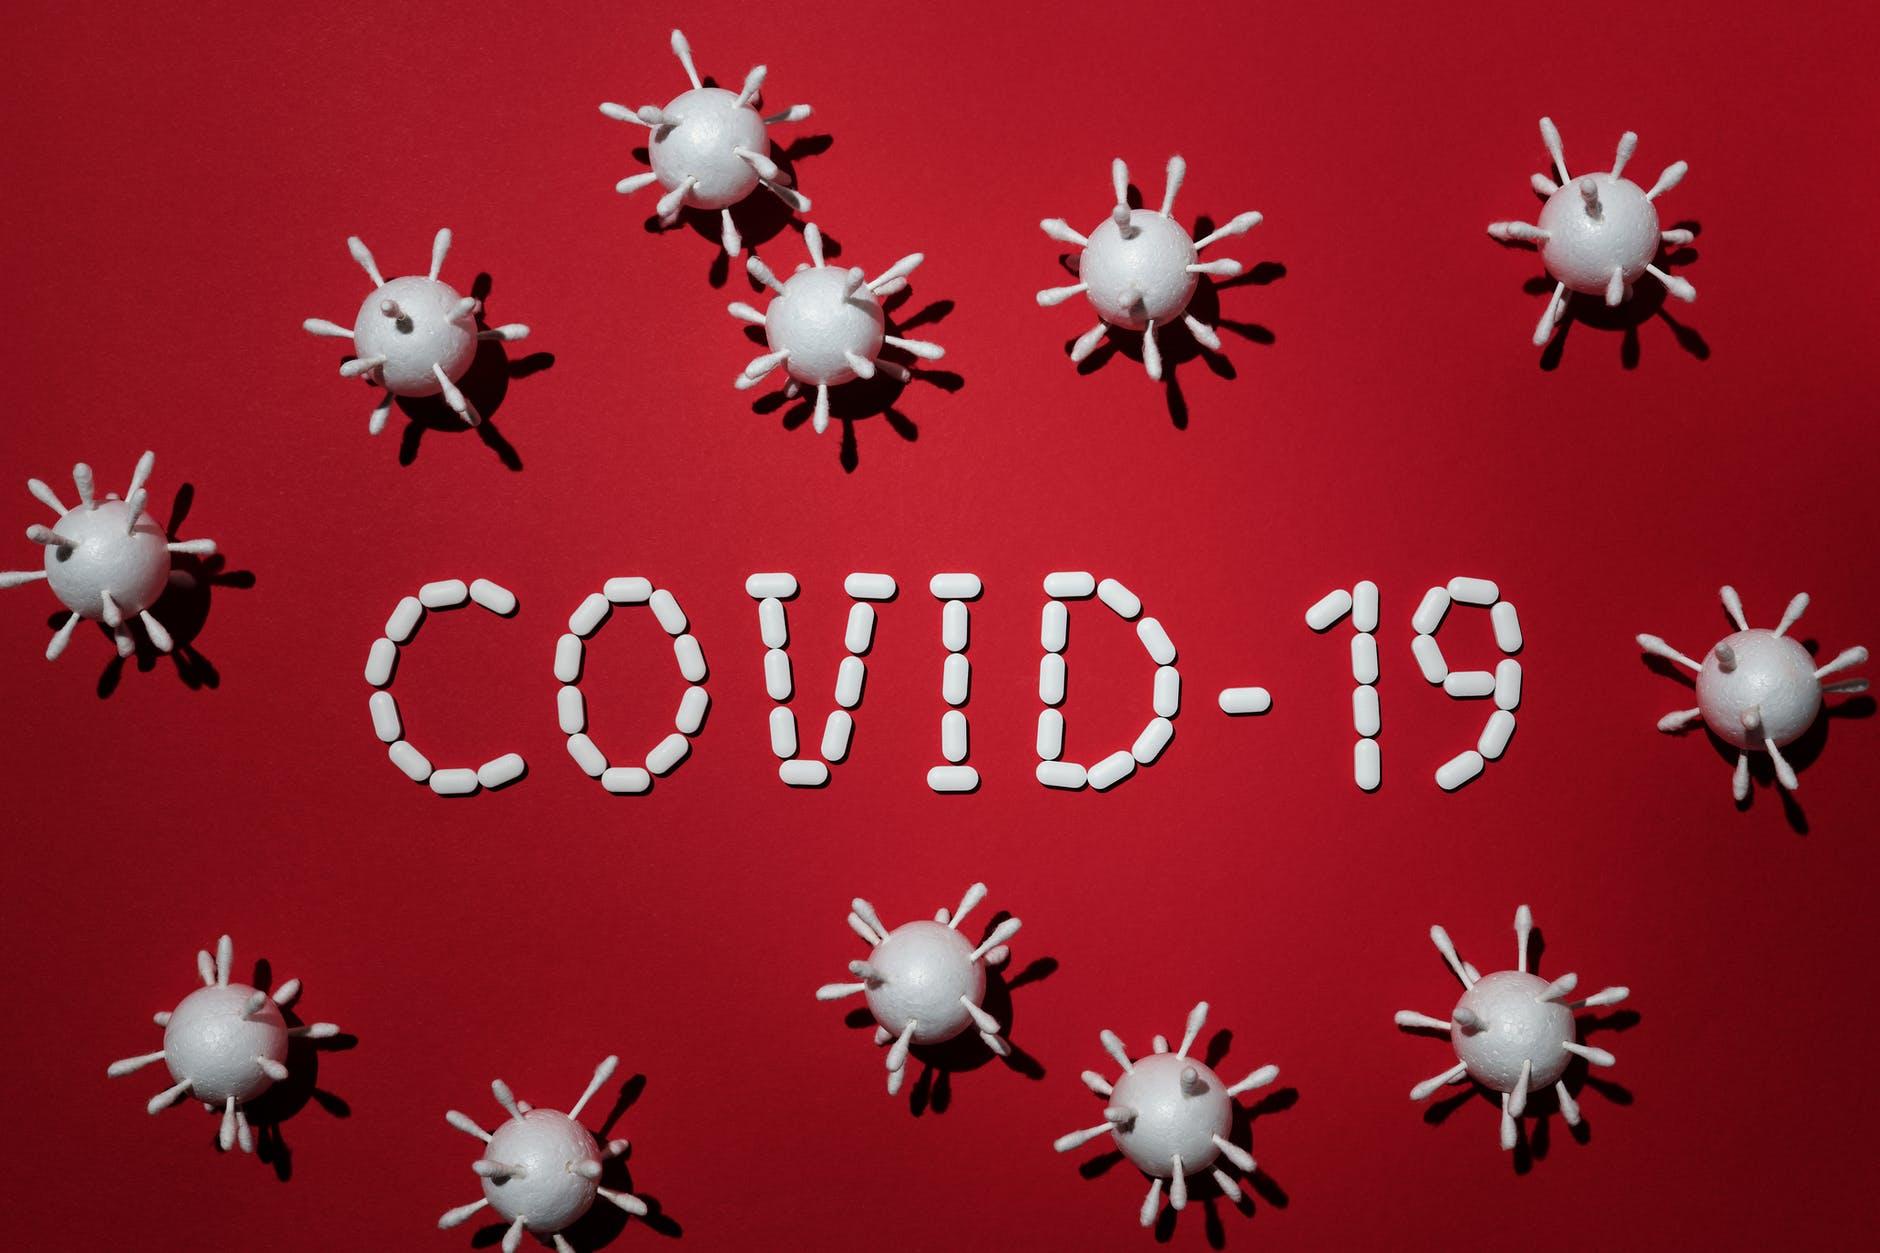 德拉吉應如何應對疫苗和流行病金貝報告